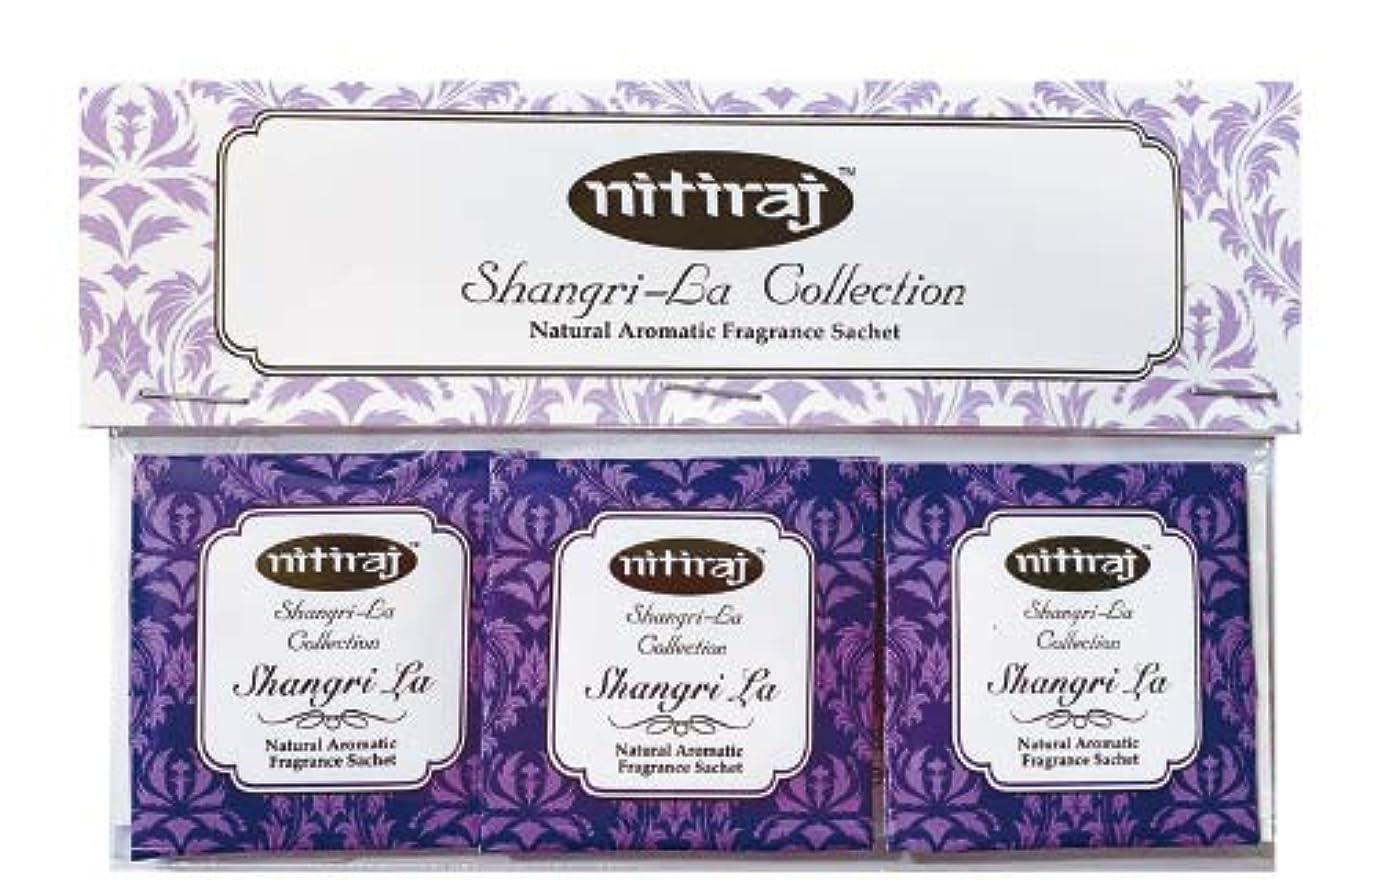 ヒント保険ボウル香り袋【Shangri-La】Nitiraj日本限定商品